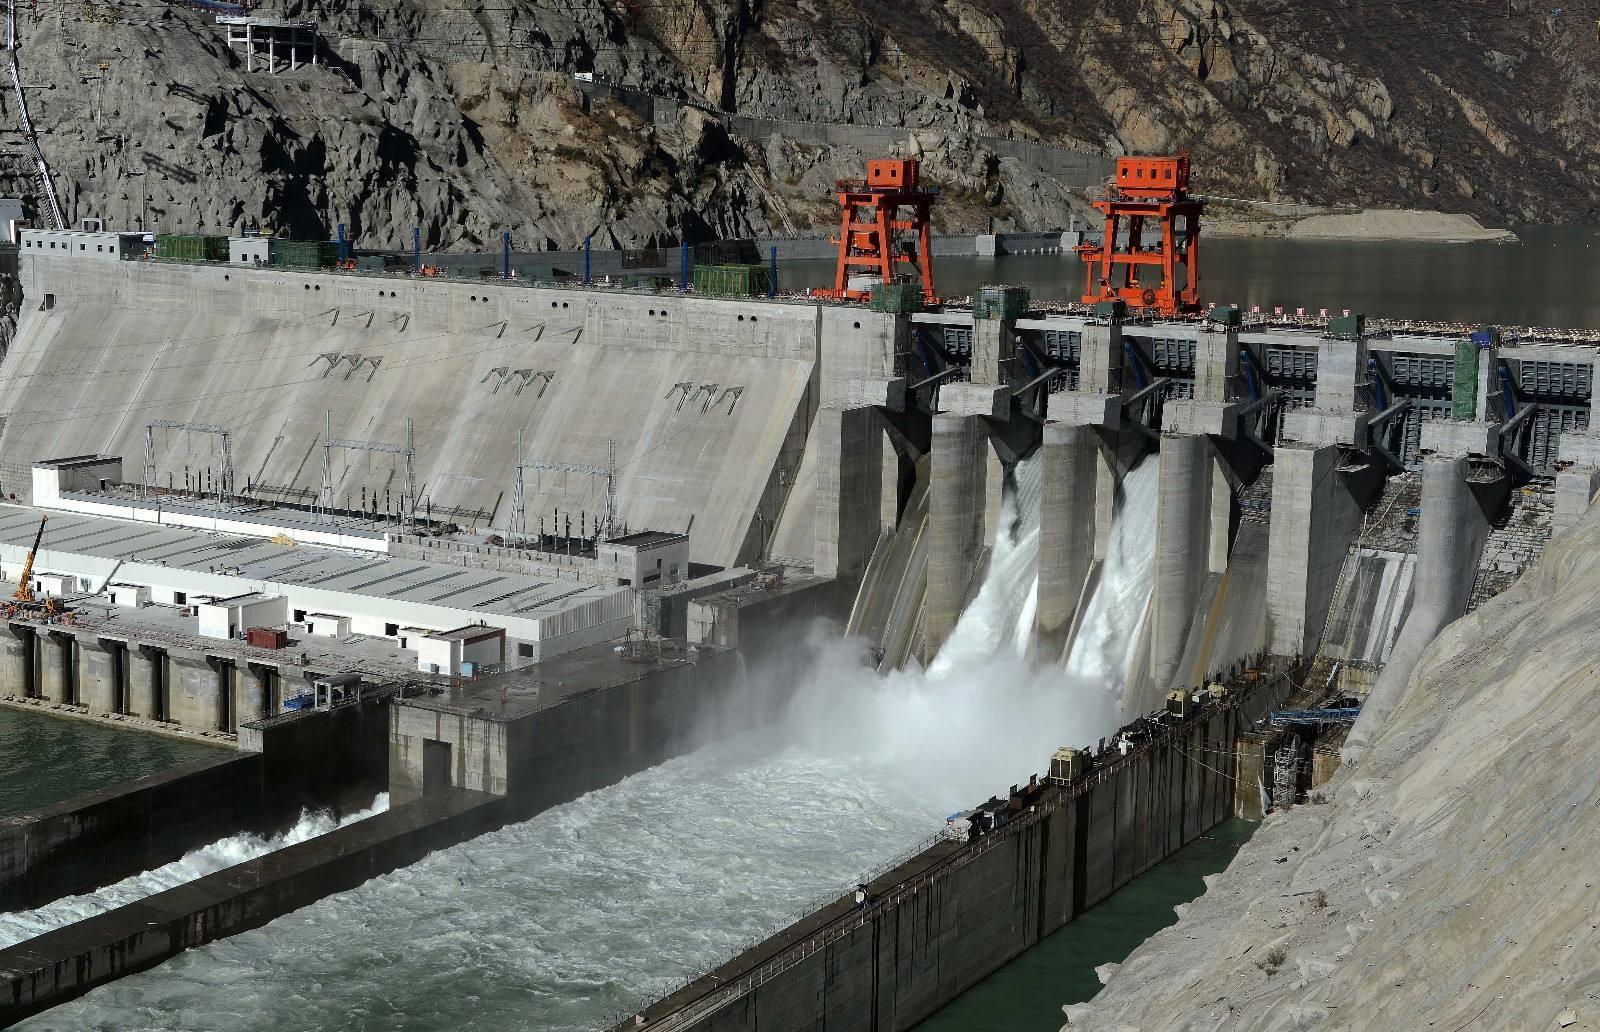 印度网民气哭了,整个国家喝不到干净水,你们中国人必须负责!